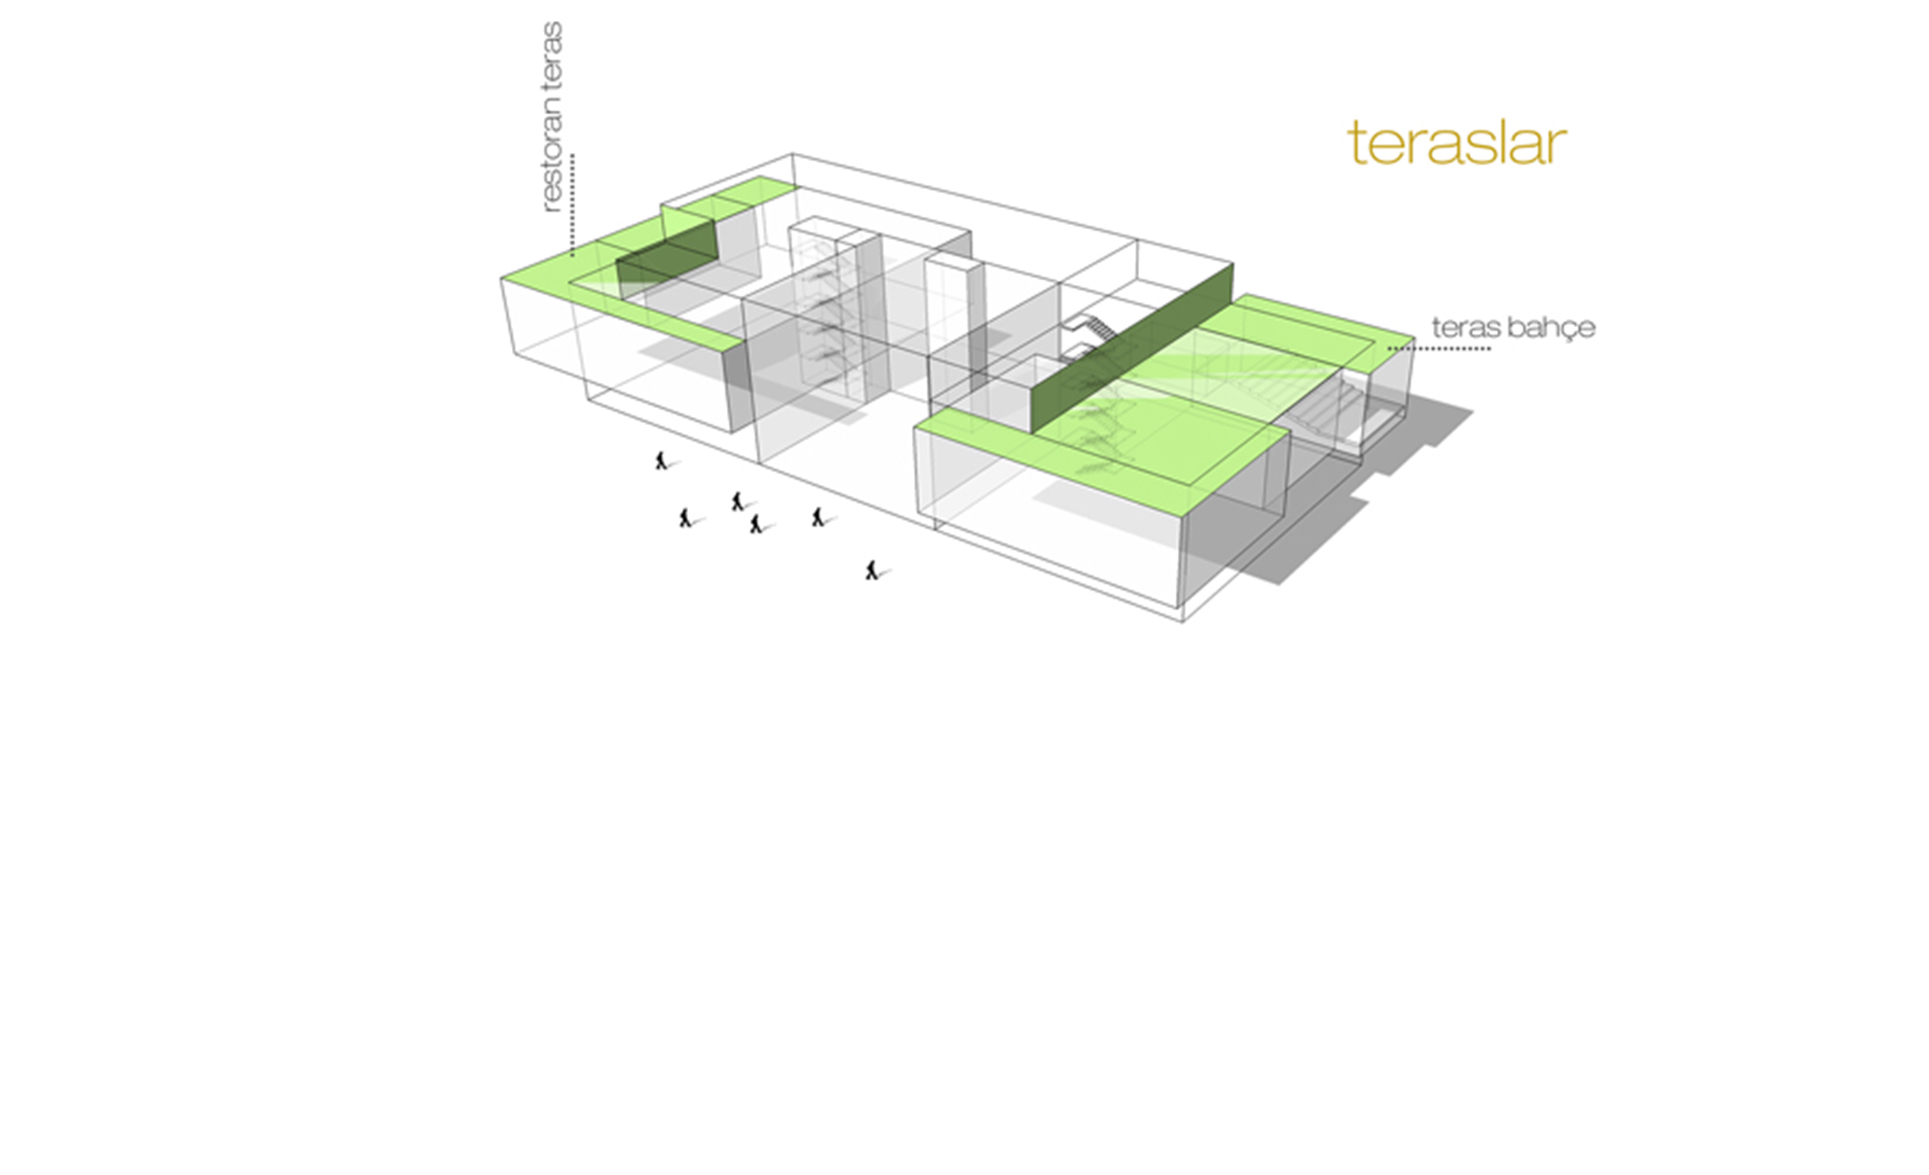 dodofis mimarlık ofis yapısı ticaret odası 7